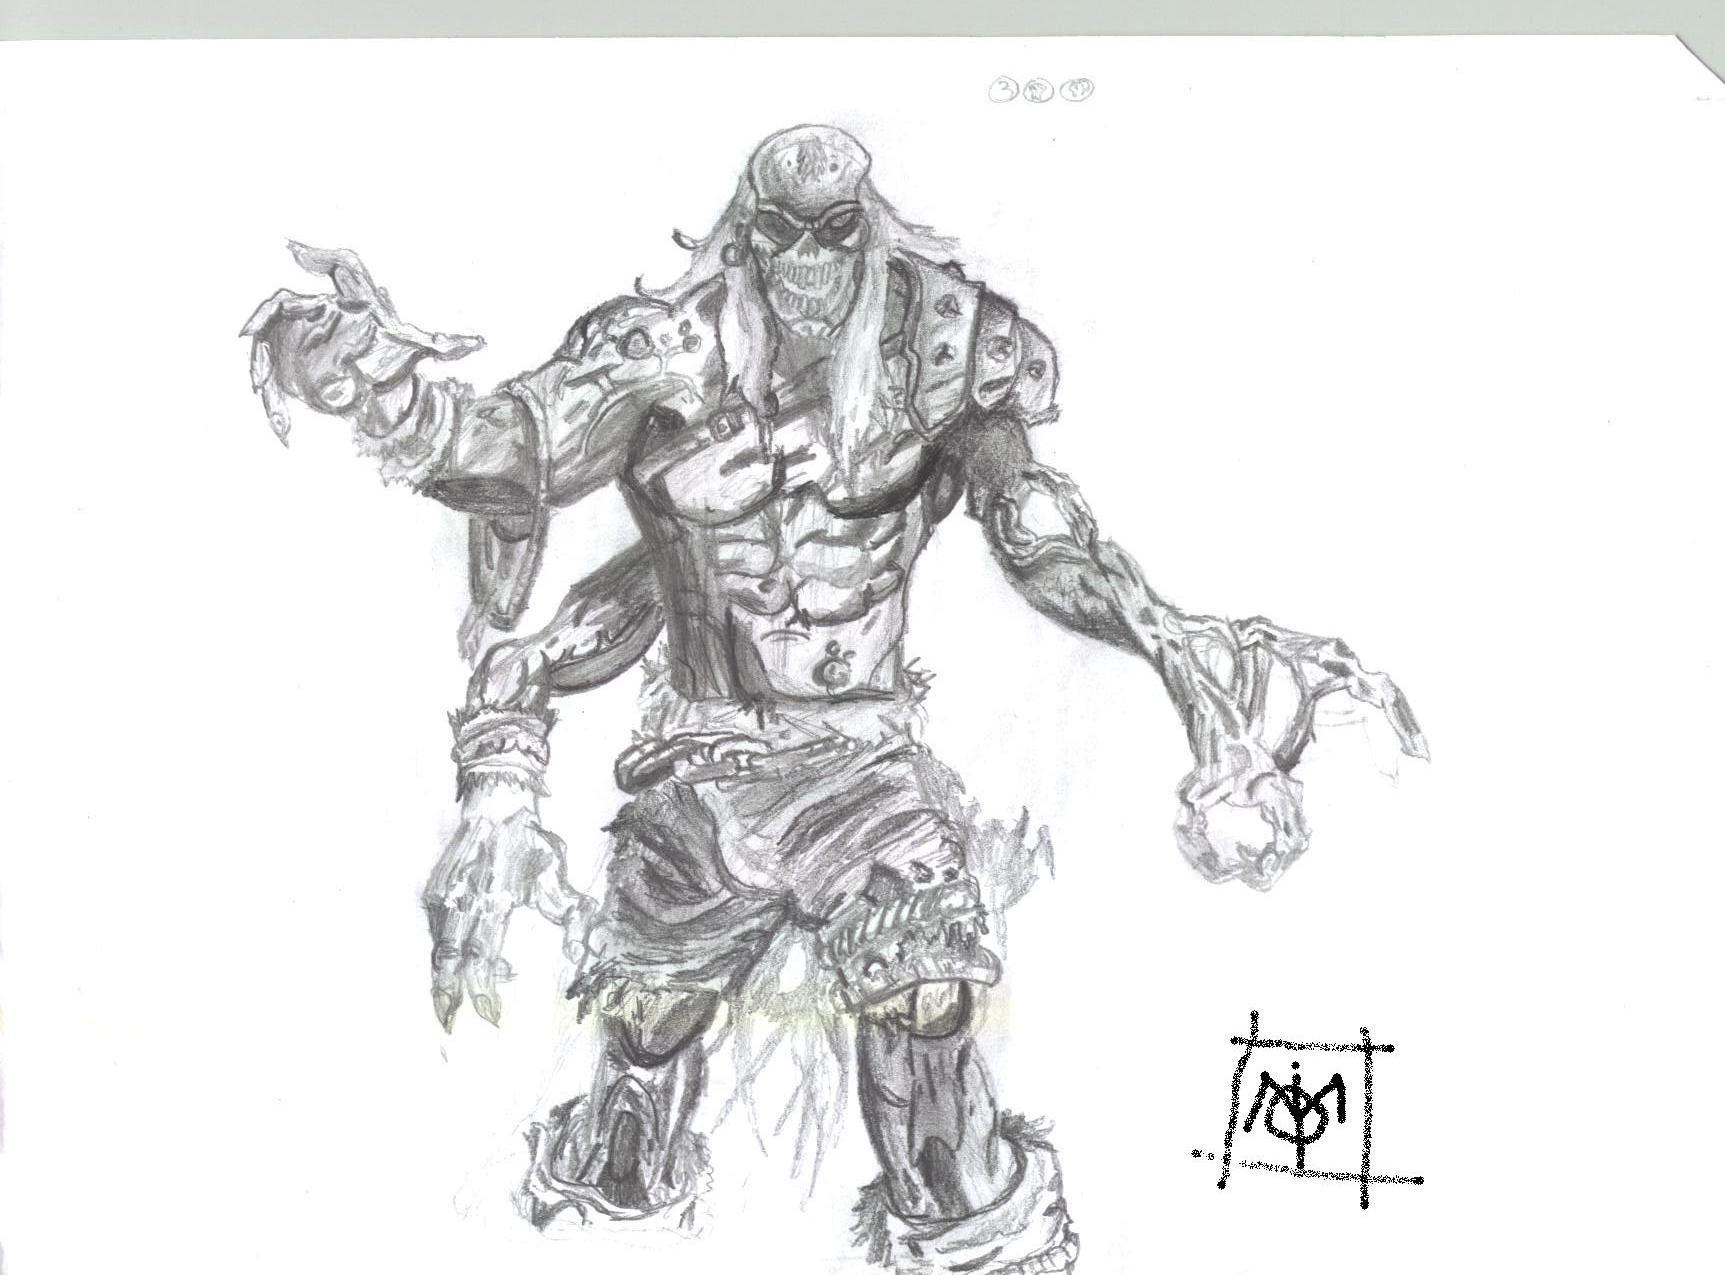 Les nouvelles aventures de capot 39 man en bd xd - Comment dessiner un zombie ...